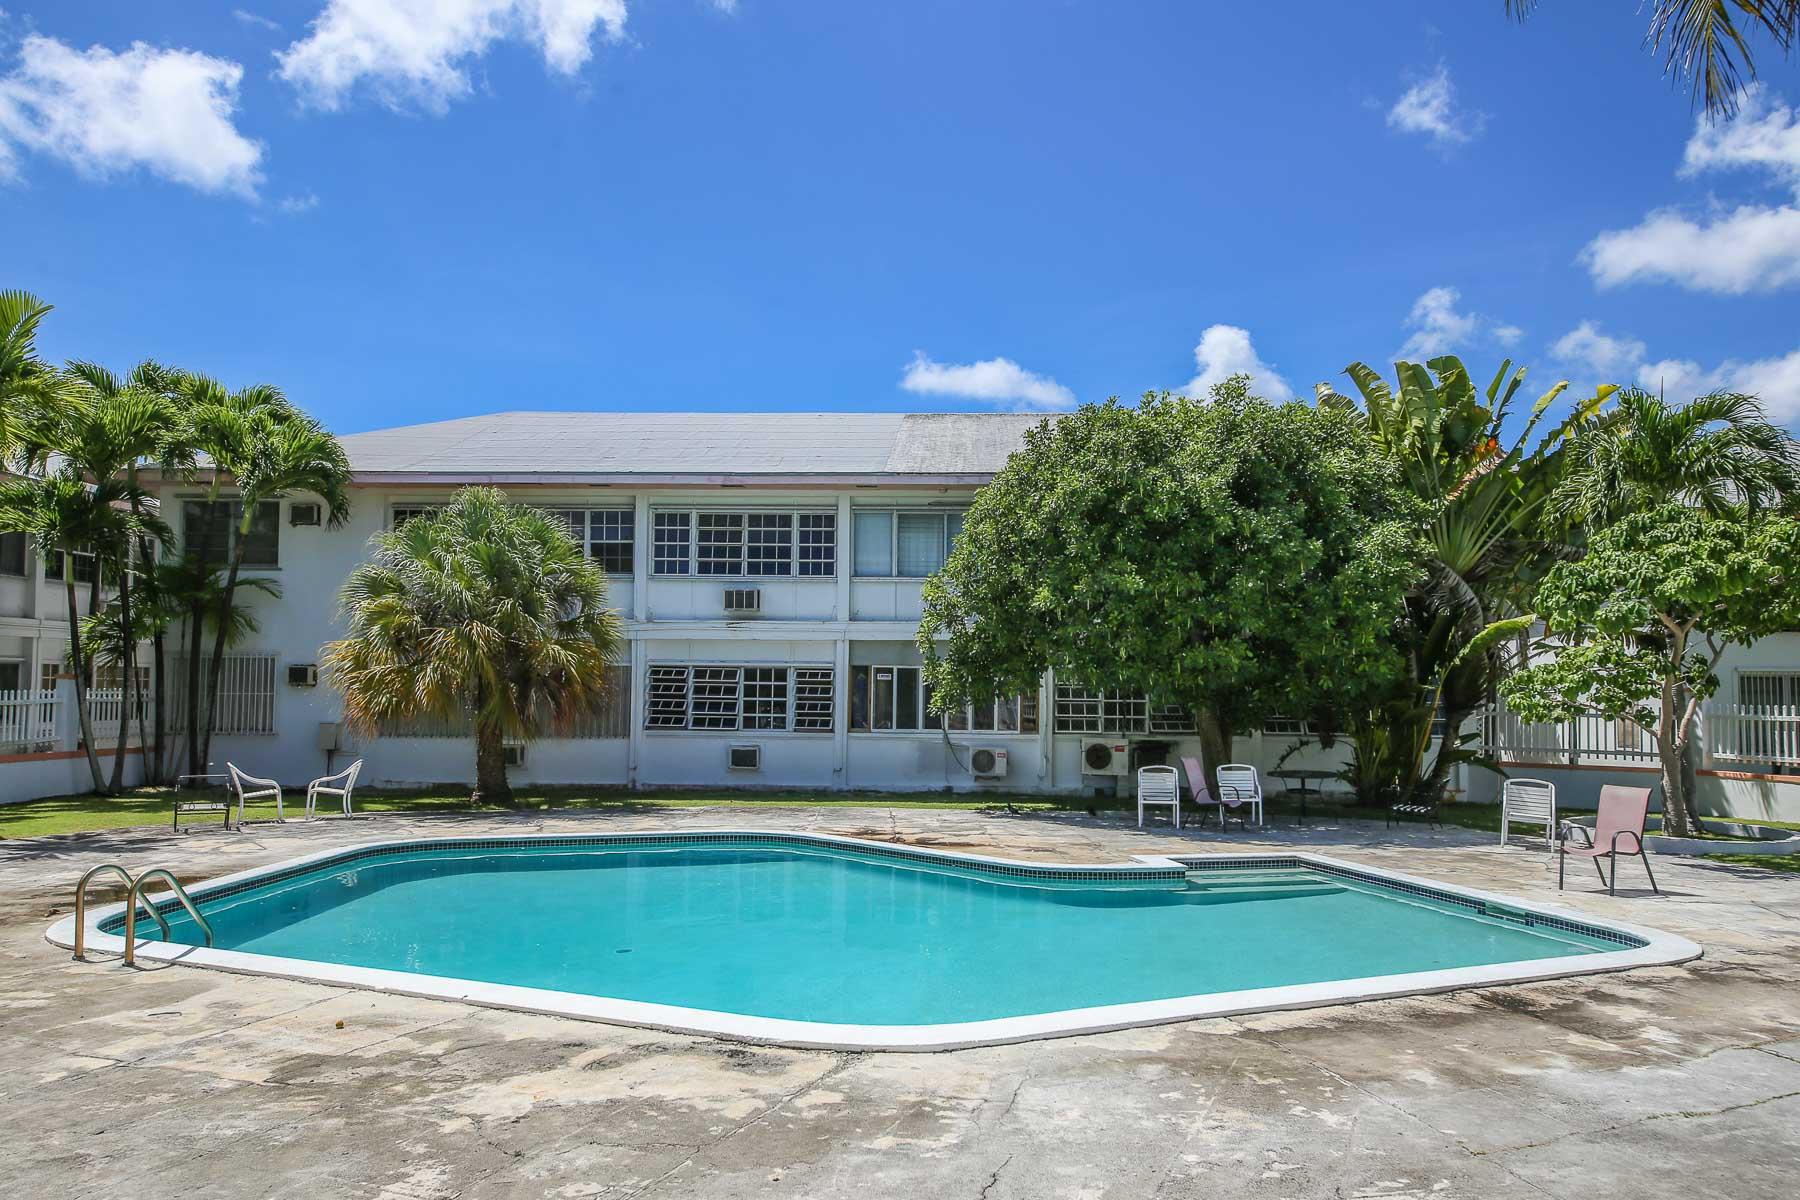 Co-op / Condo for Sale at Gated Cozy Condo Montagu Villas Village Road, Nassau And Paradise Island, Bahamas